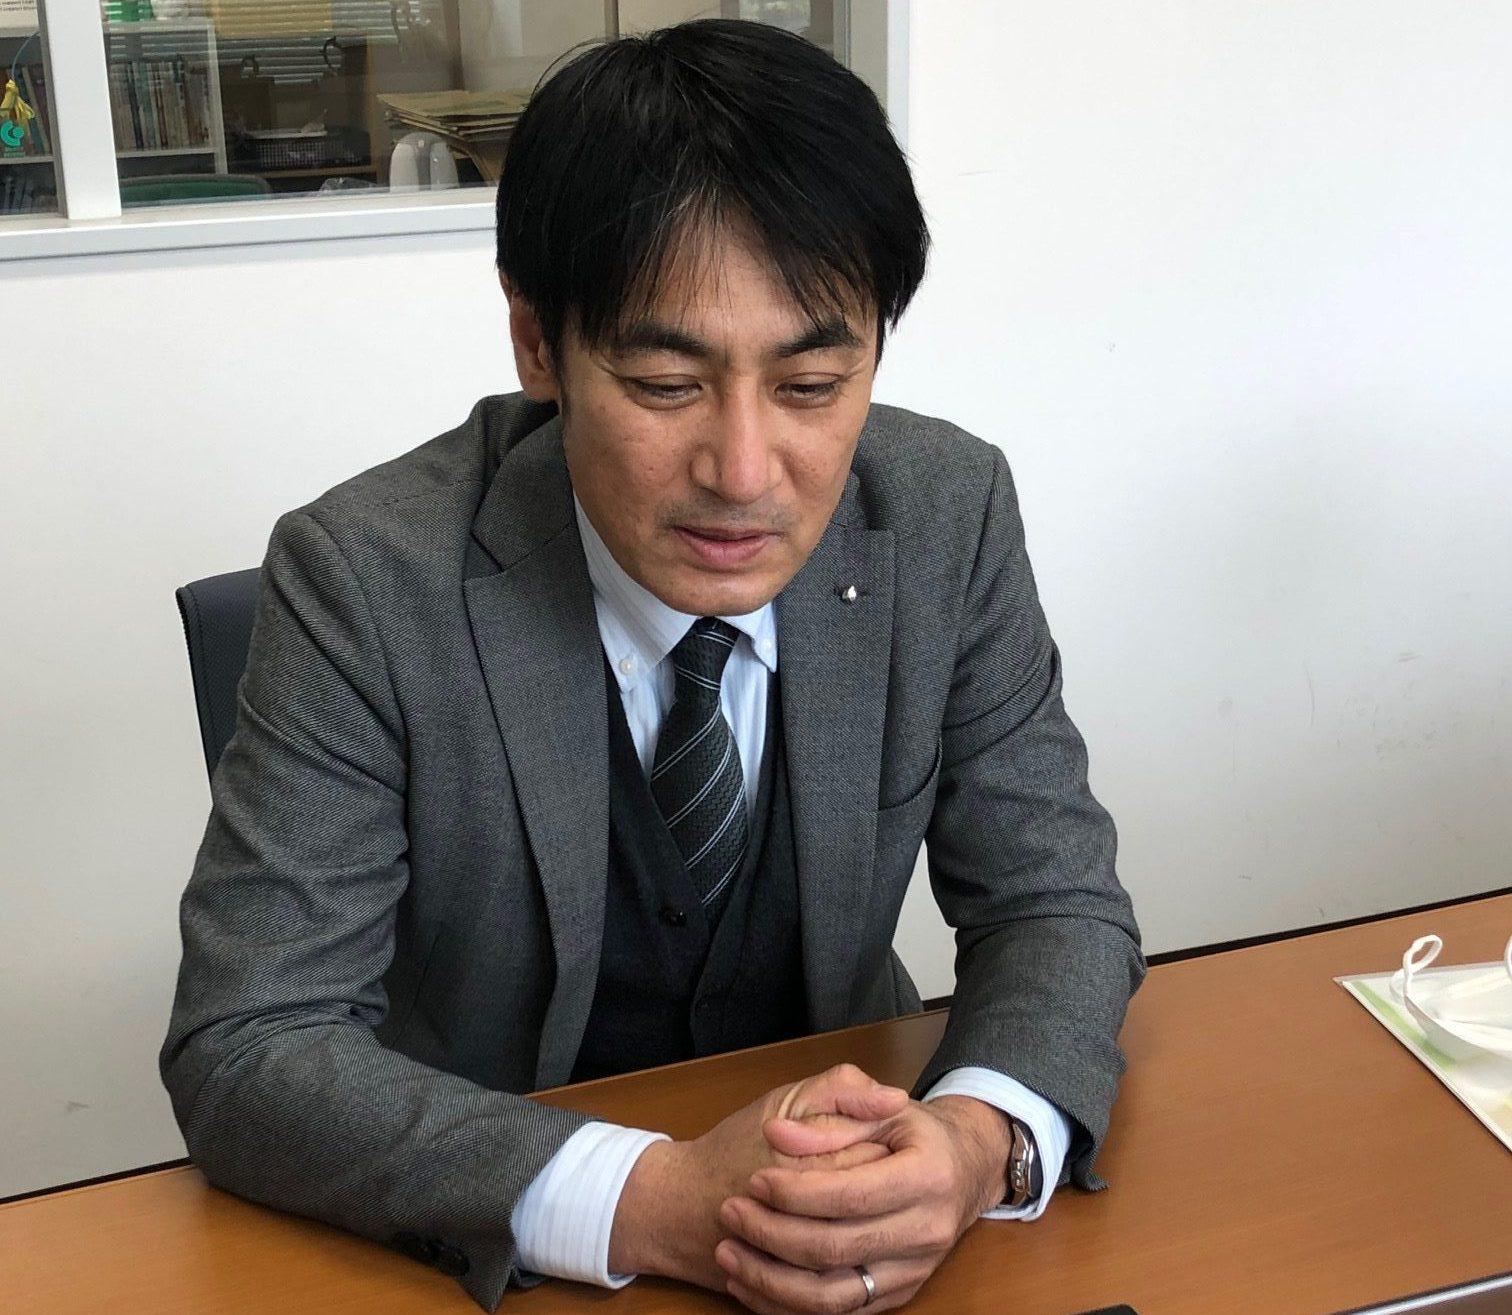 福島高専での講義の画像